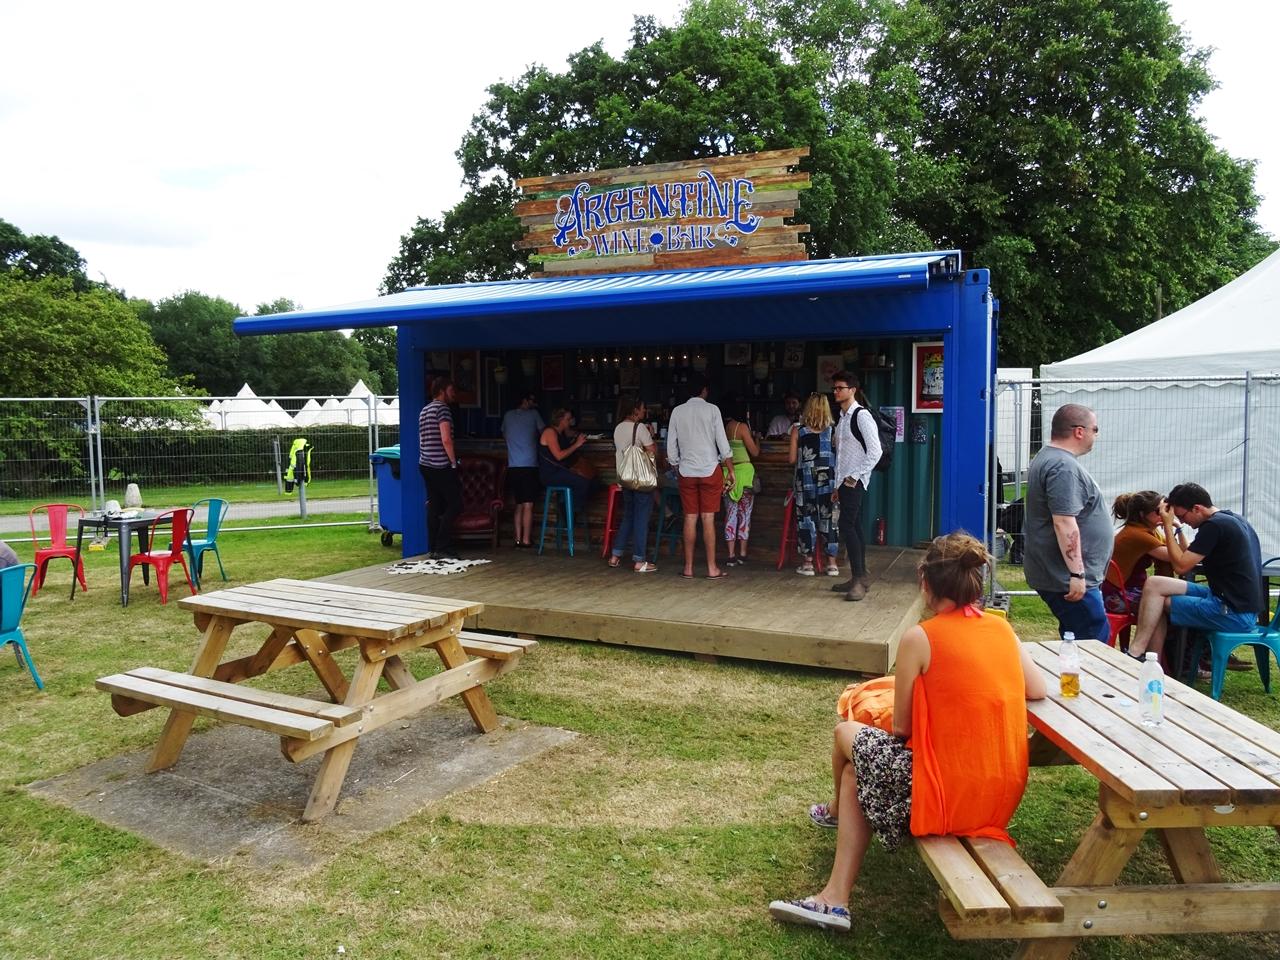 argentine wine bar bluedot festival